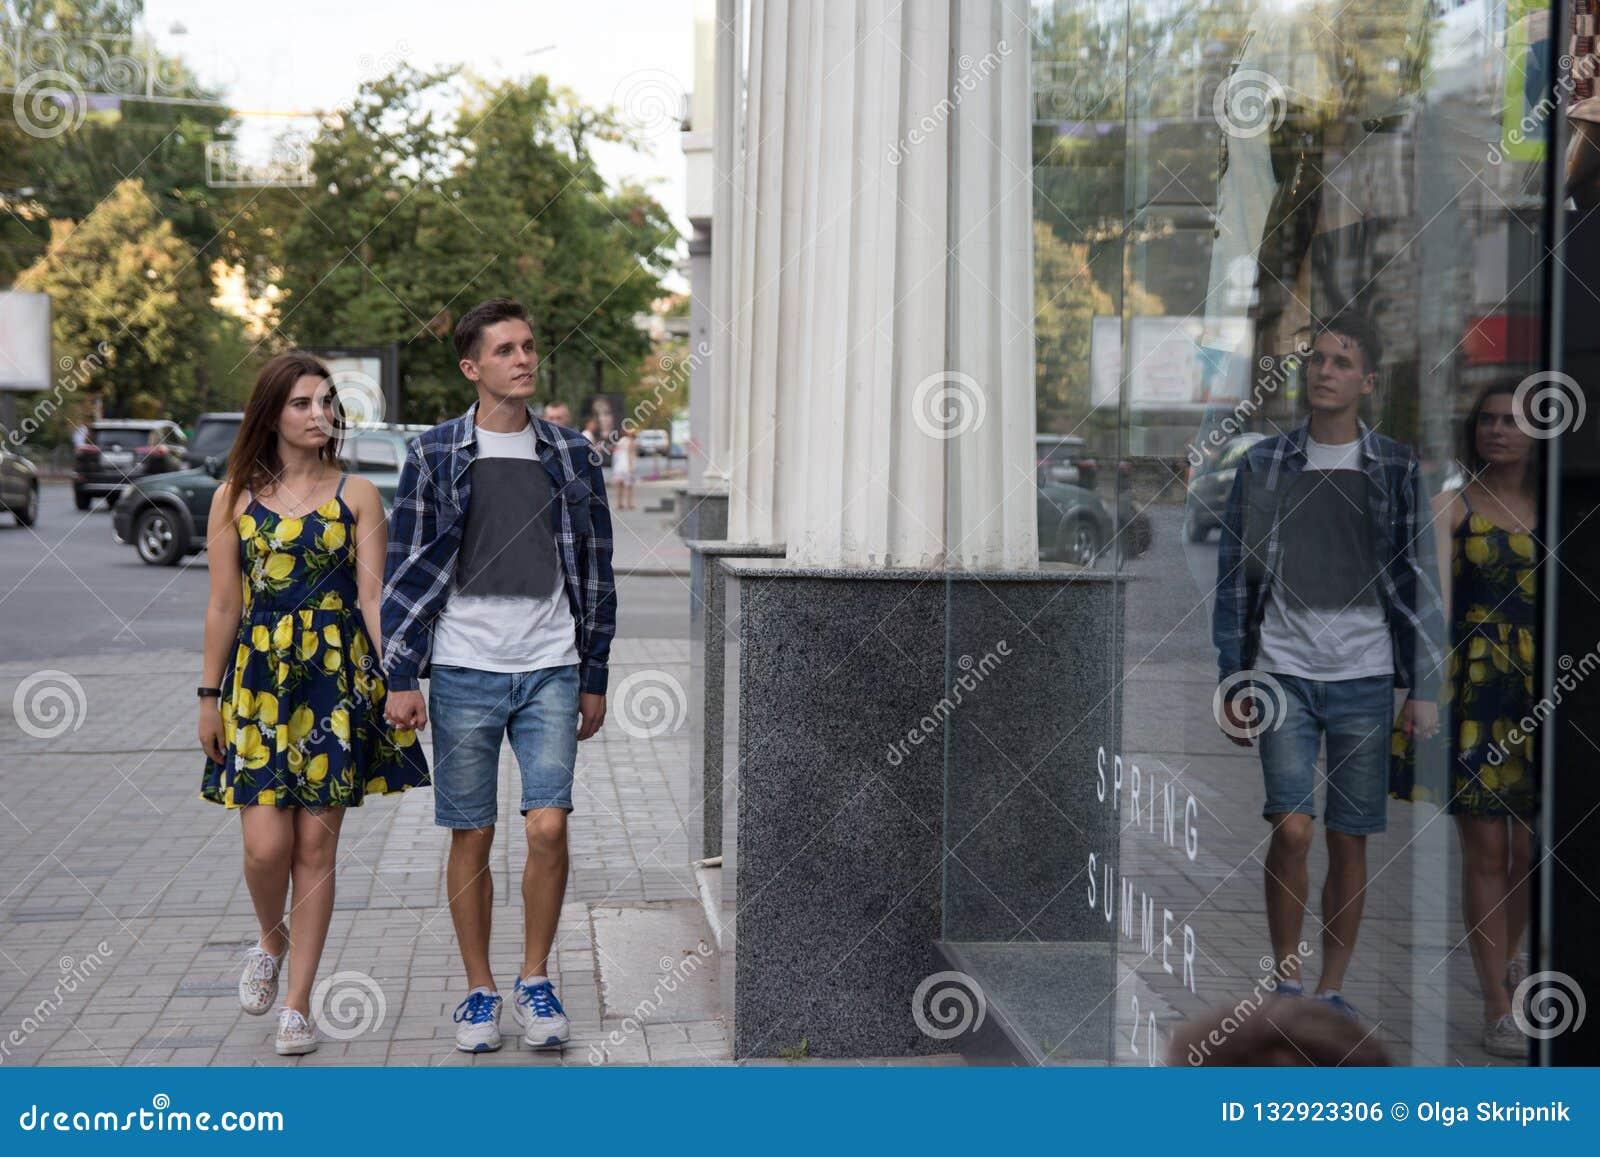 La coppia sorride e cammina intorno alla città e va a fare spese, autunno e primavera